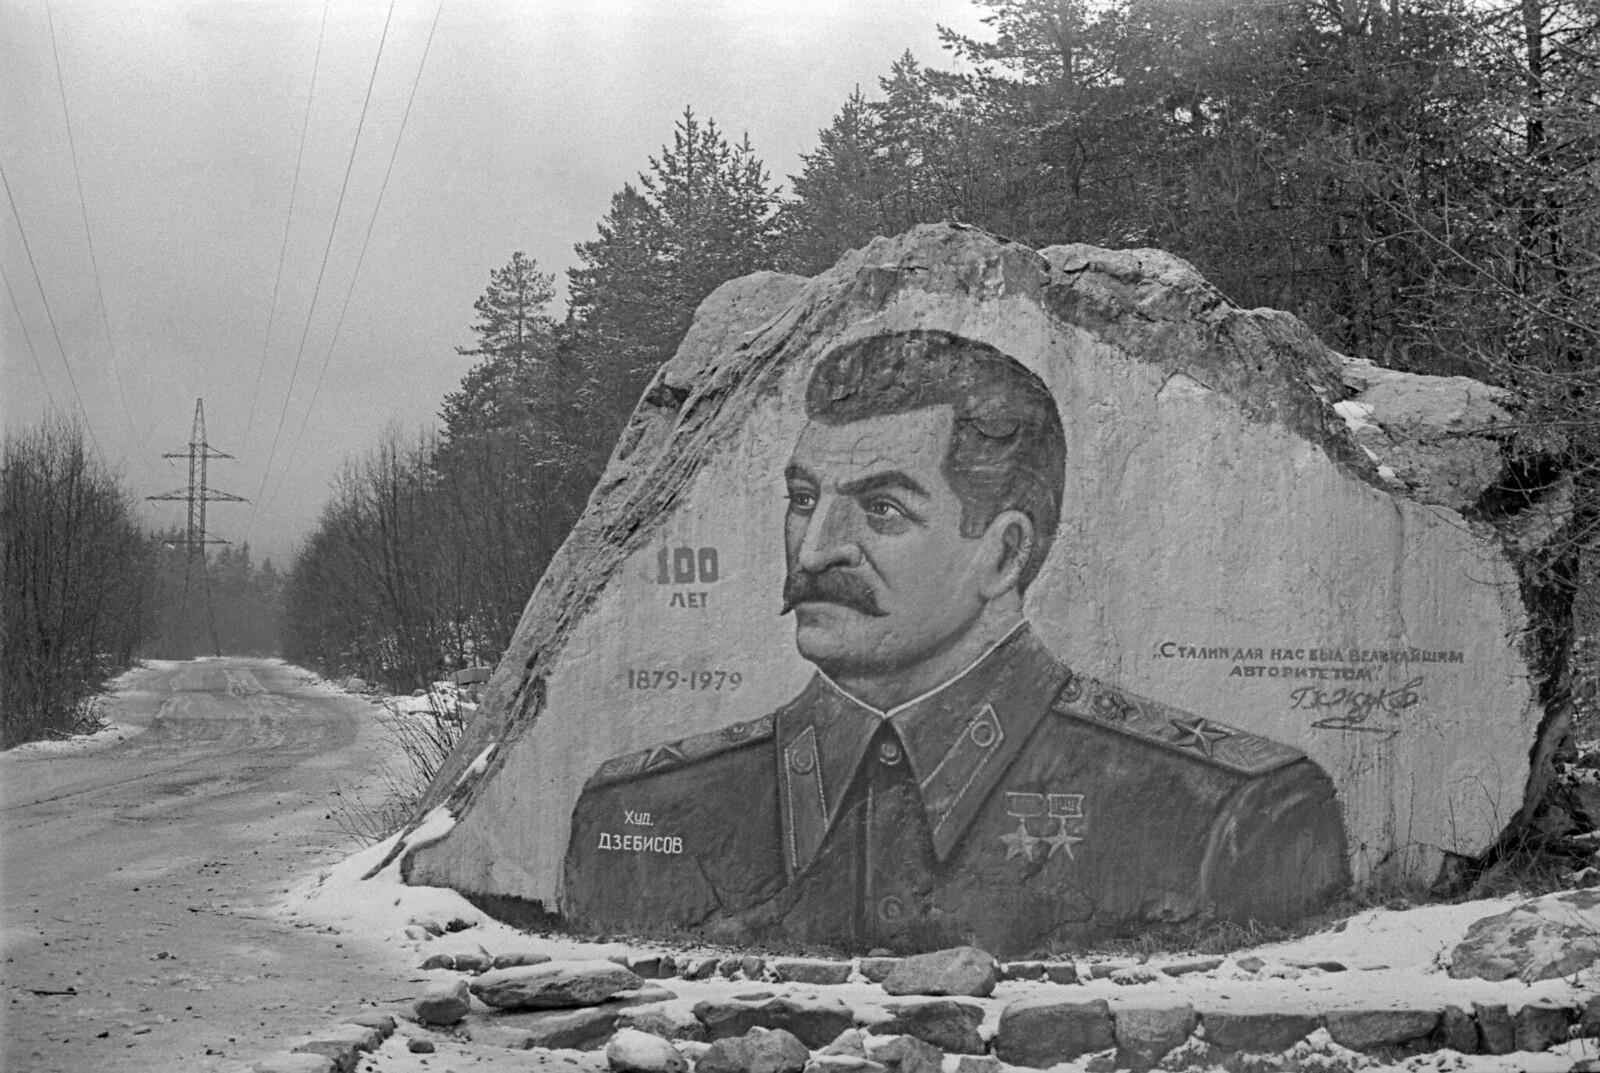 1980. Осетия. Сталин, По горной дороге в Цей